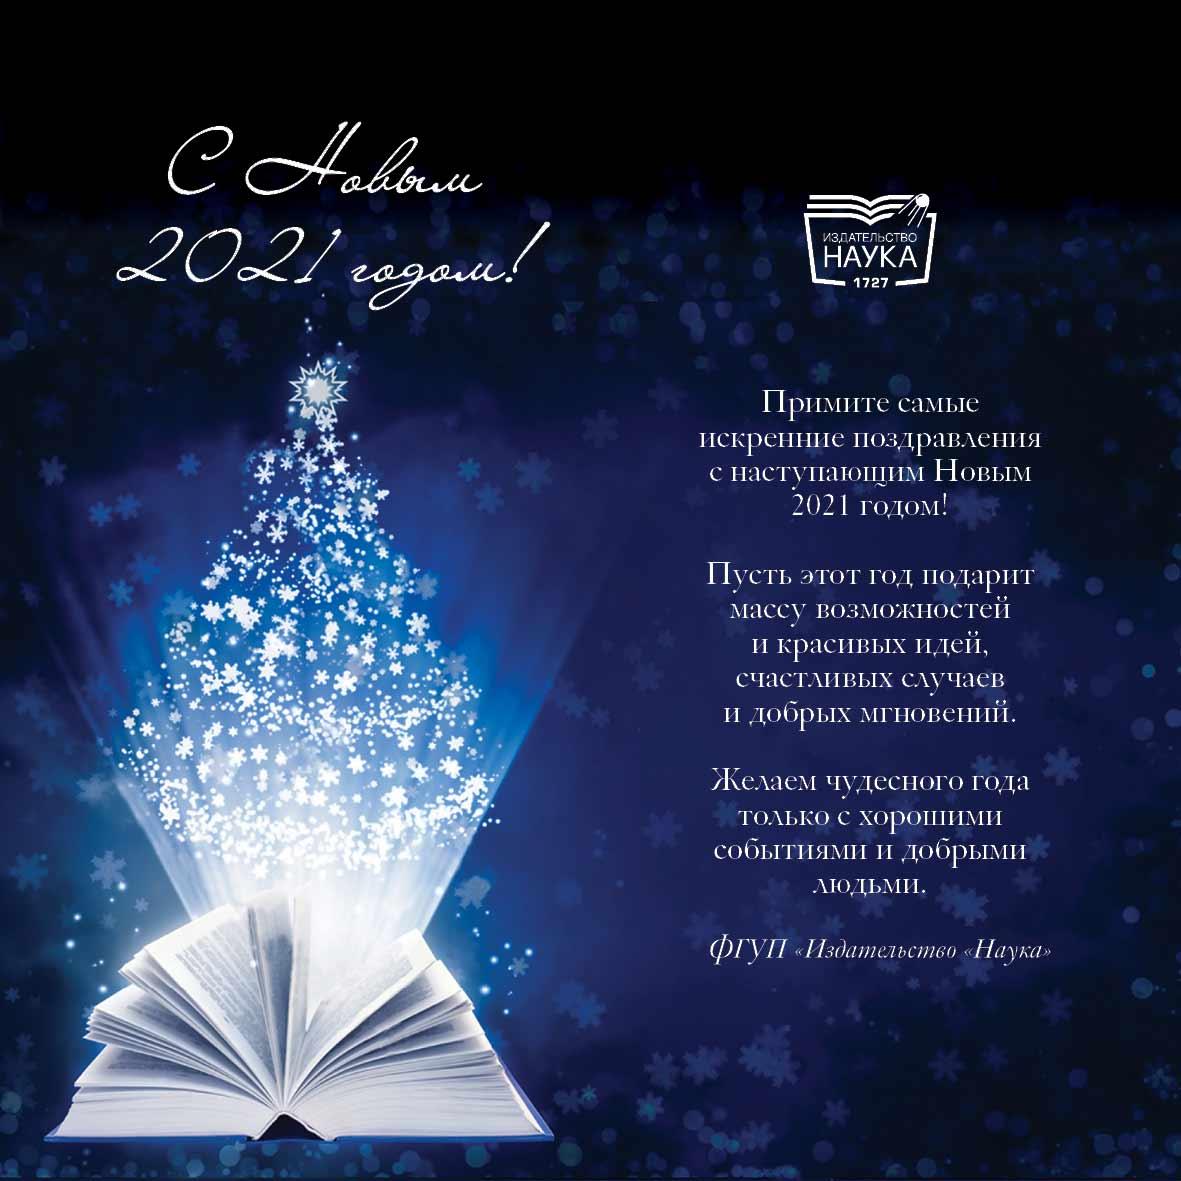 Издательство Наука поздравляет с Новым годом